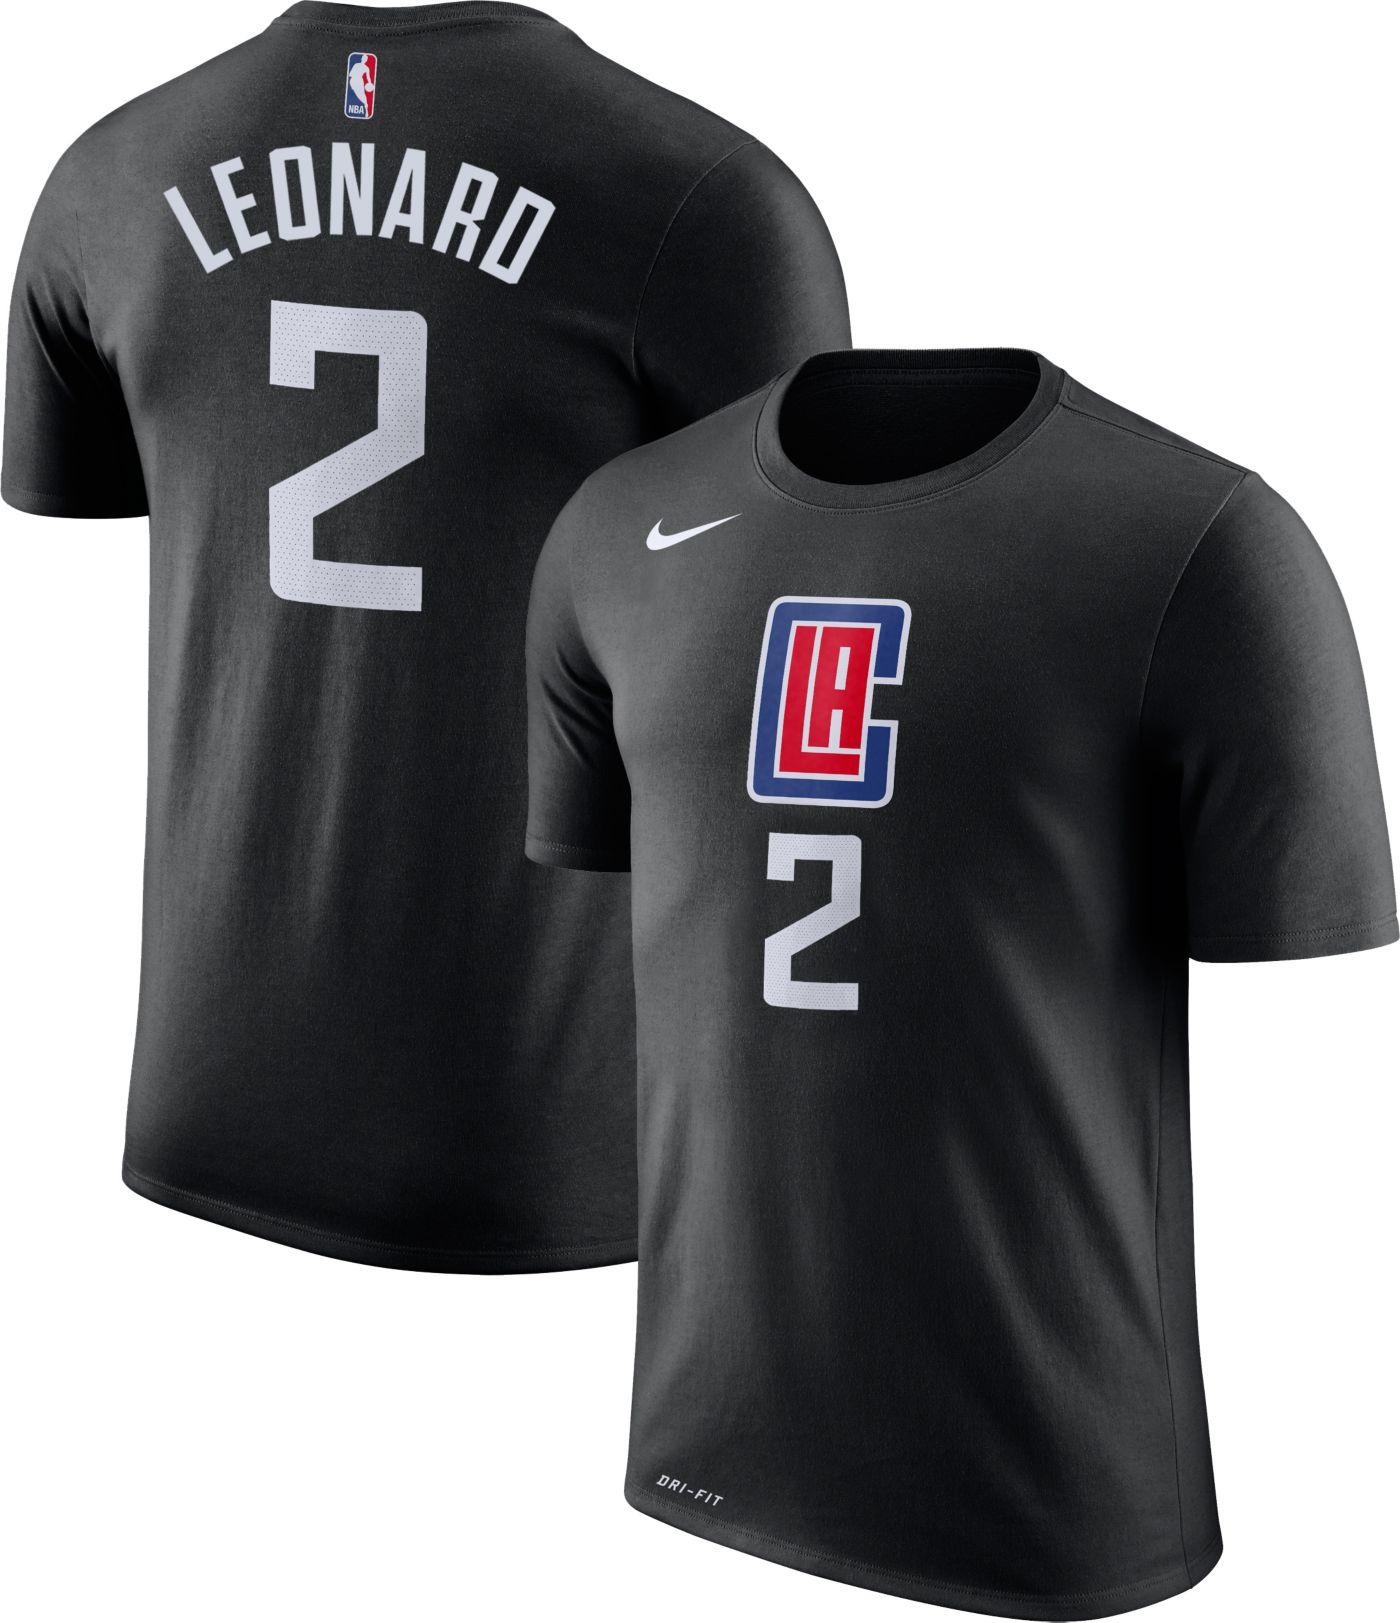 Nike Men's Los Angeles Clippers Kawhi Leonard #2 Dri-FIT Statement Black T-Shirt